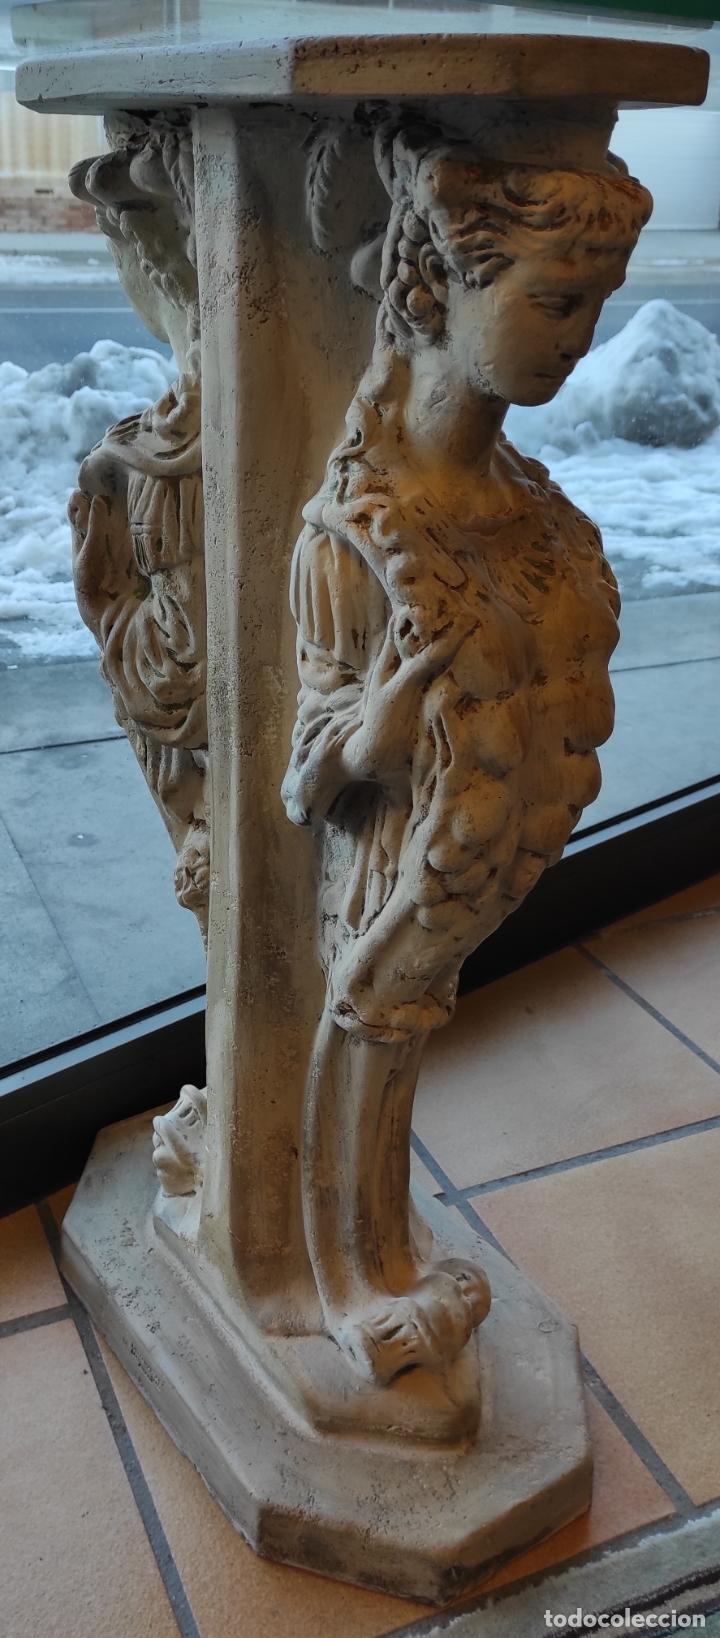 Antigüedades: Curiosa Ménsula - Esfinges de Terracota - Sobre Cristal Biselado - Decorativa Consola, Mesa - Foto 8 - 234692945